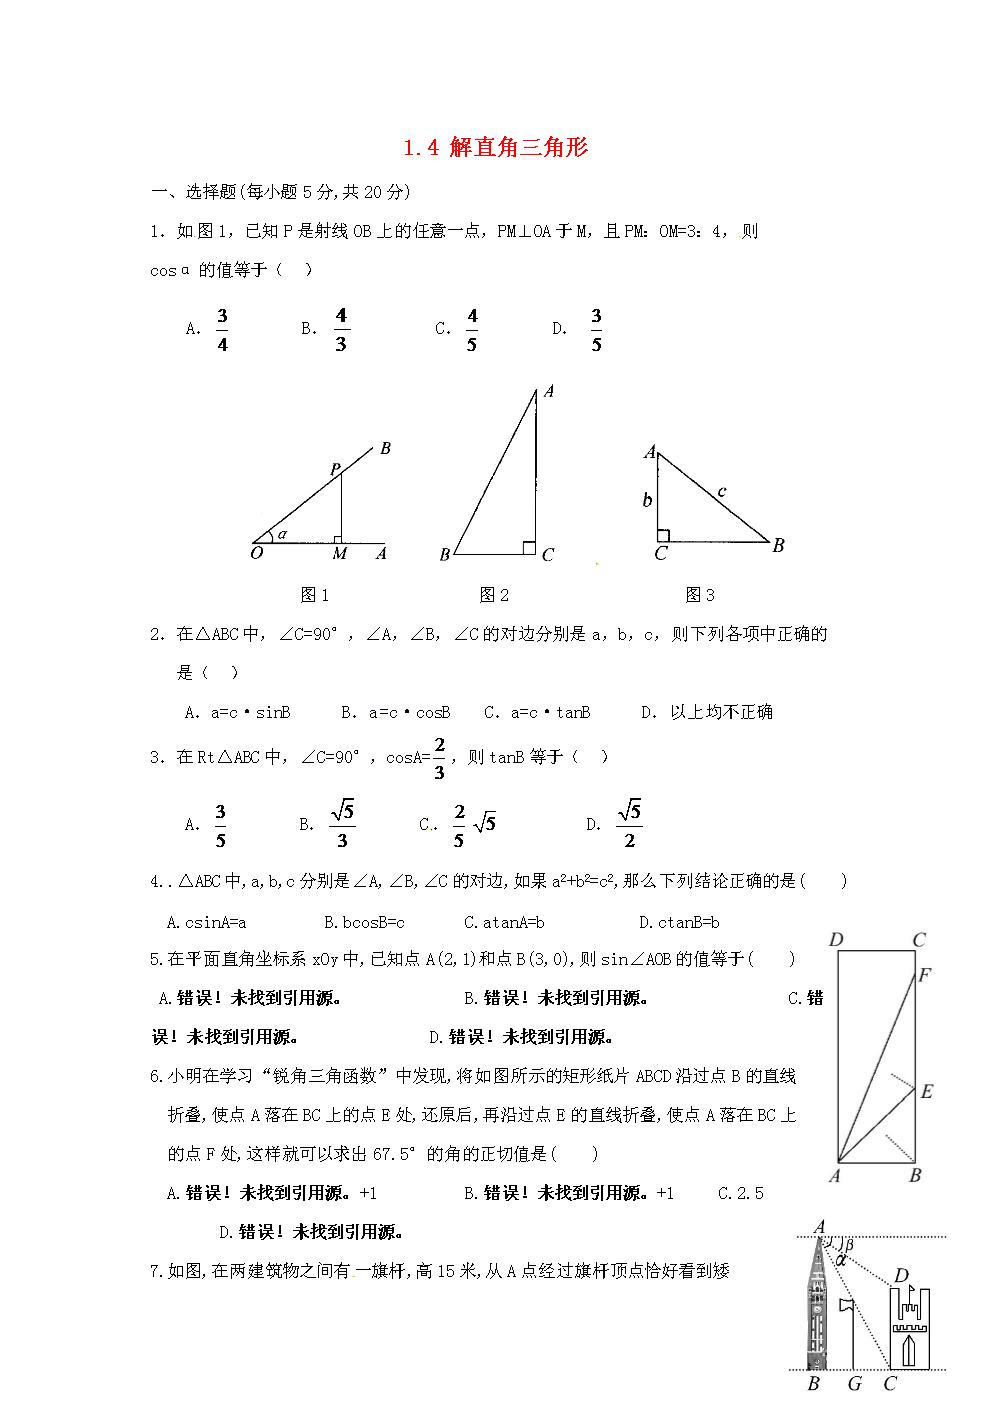 北师大版九年级数学下册第一章 1.4 解直角三角形